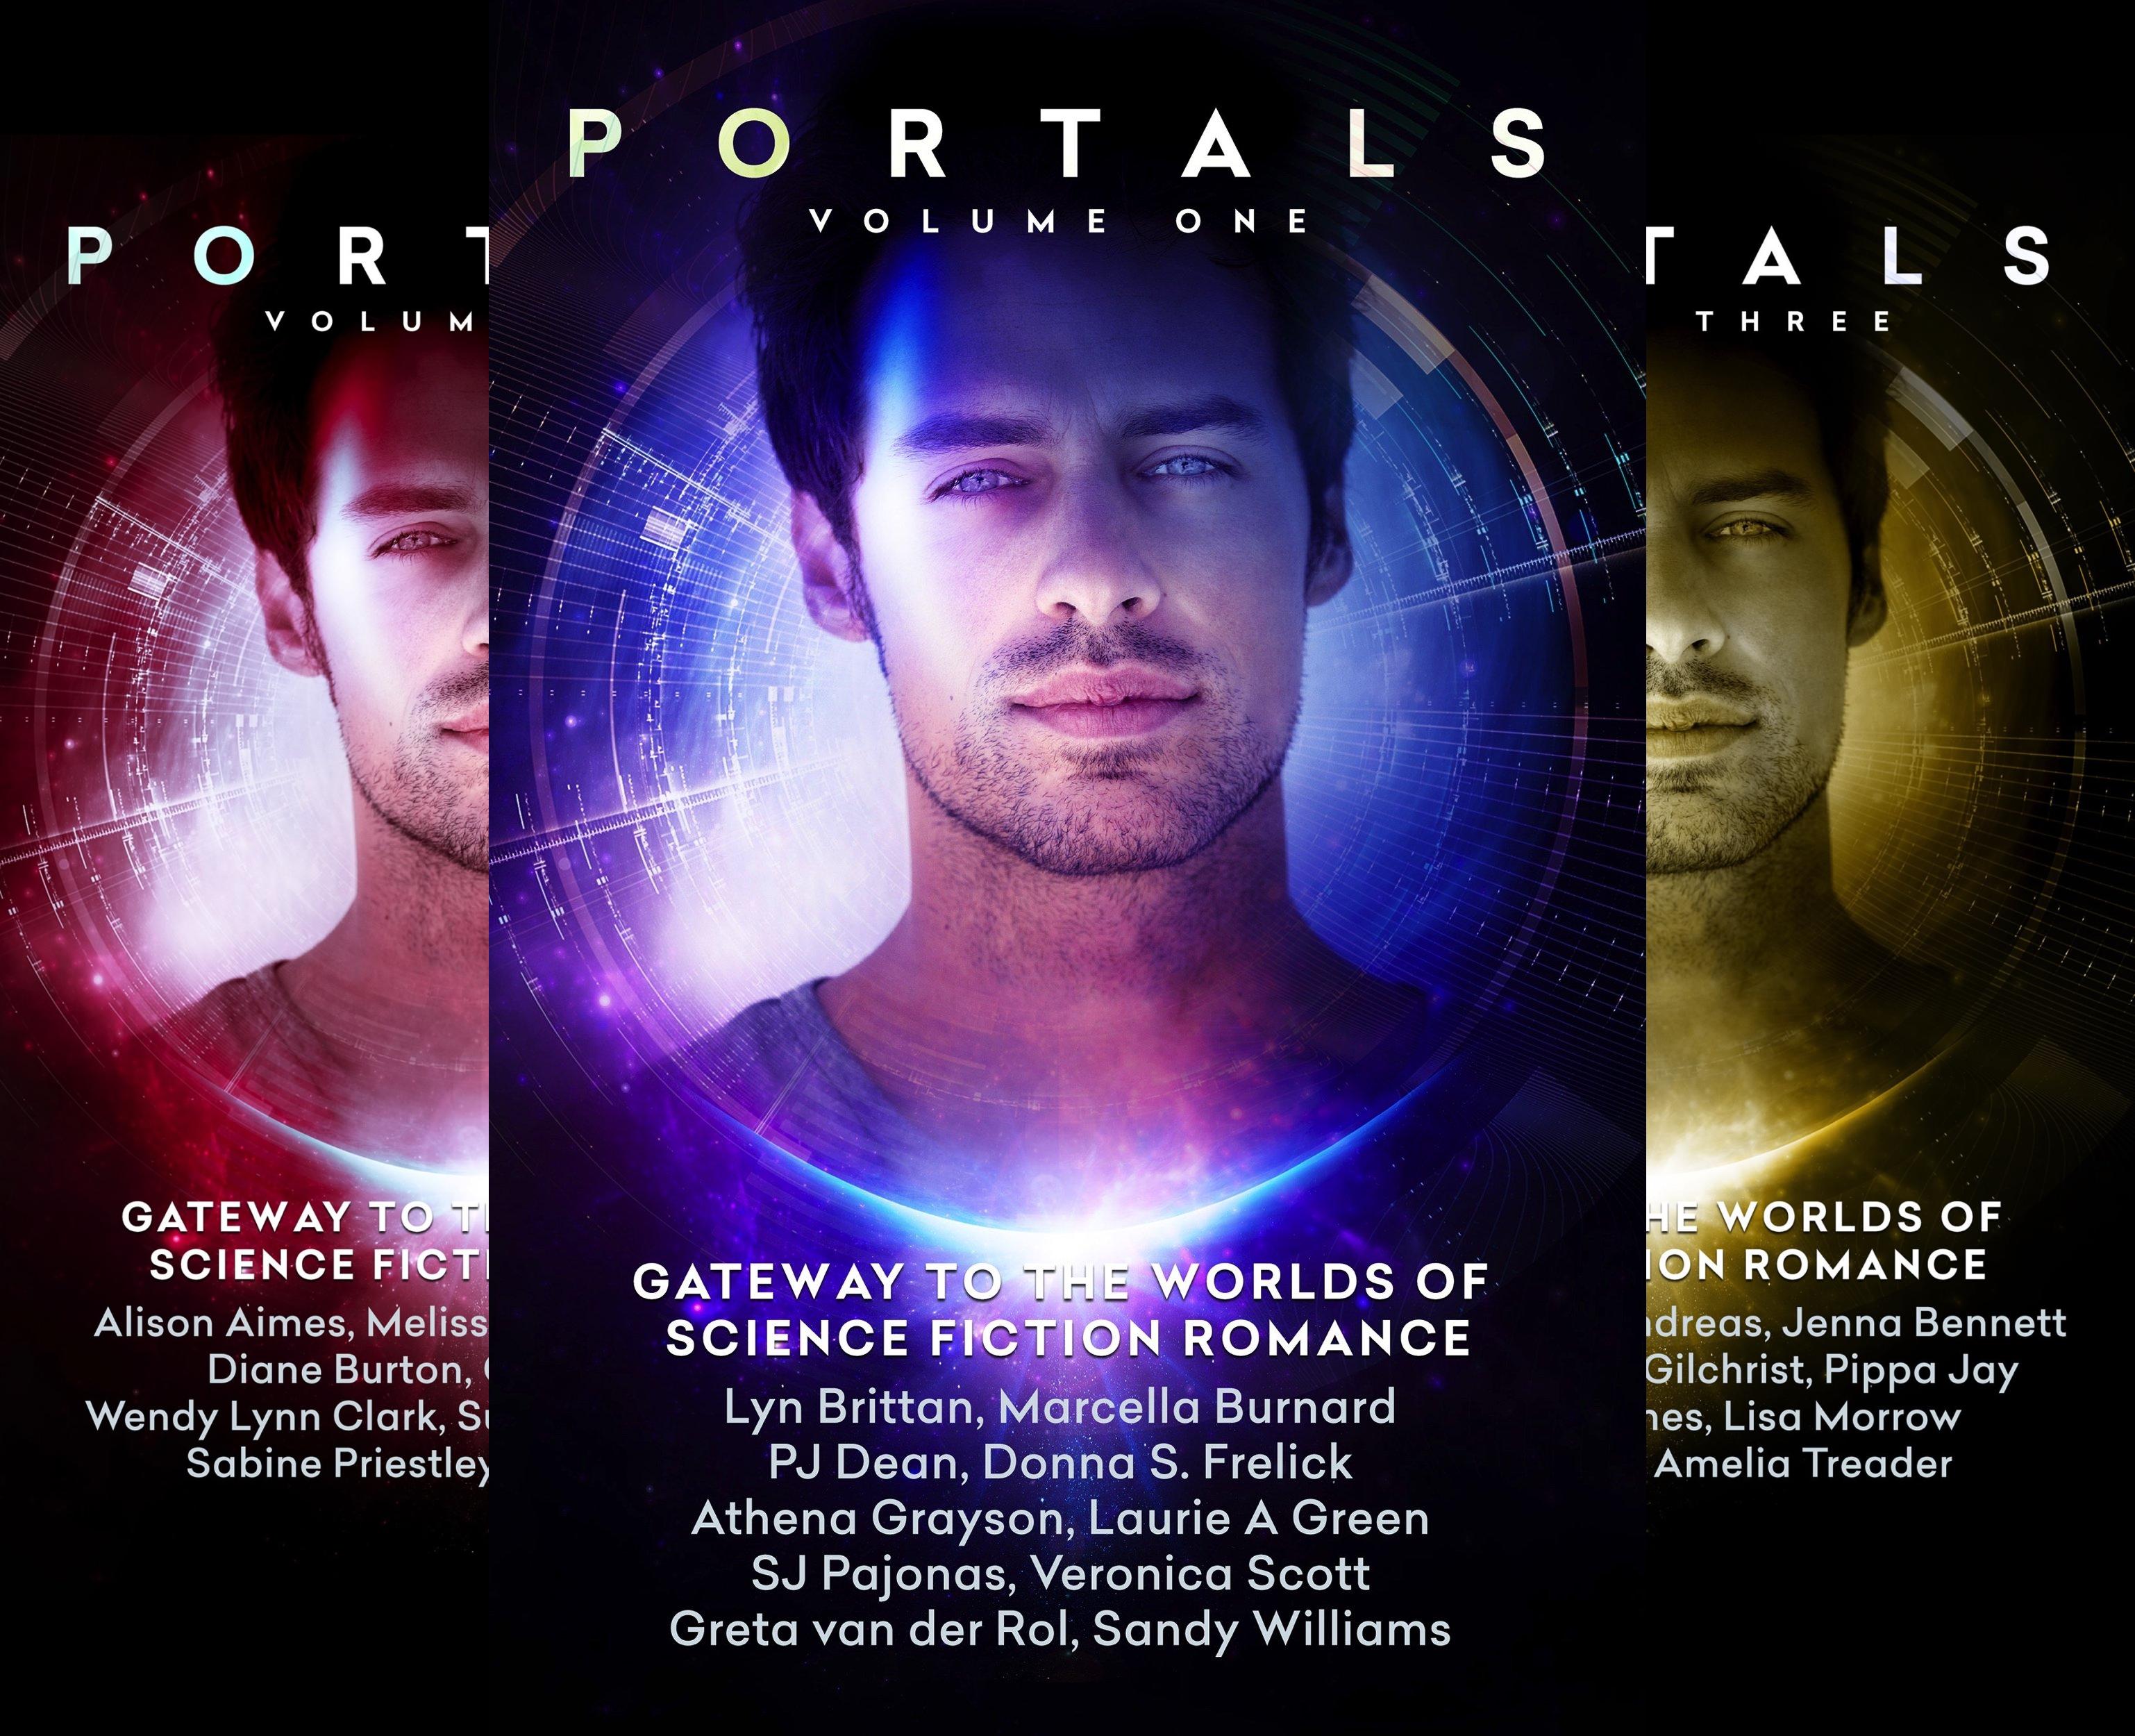 portals-7-book-series